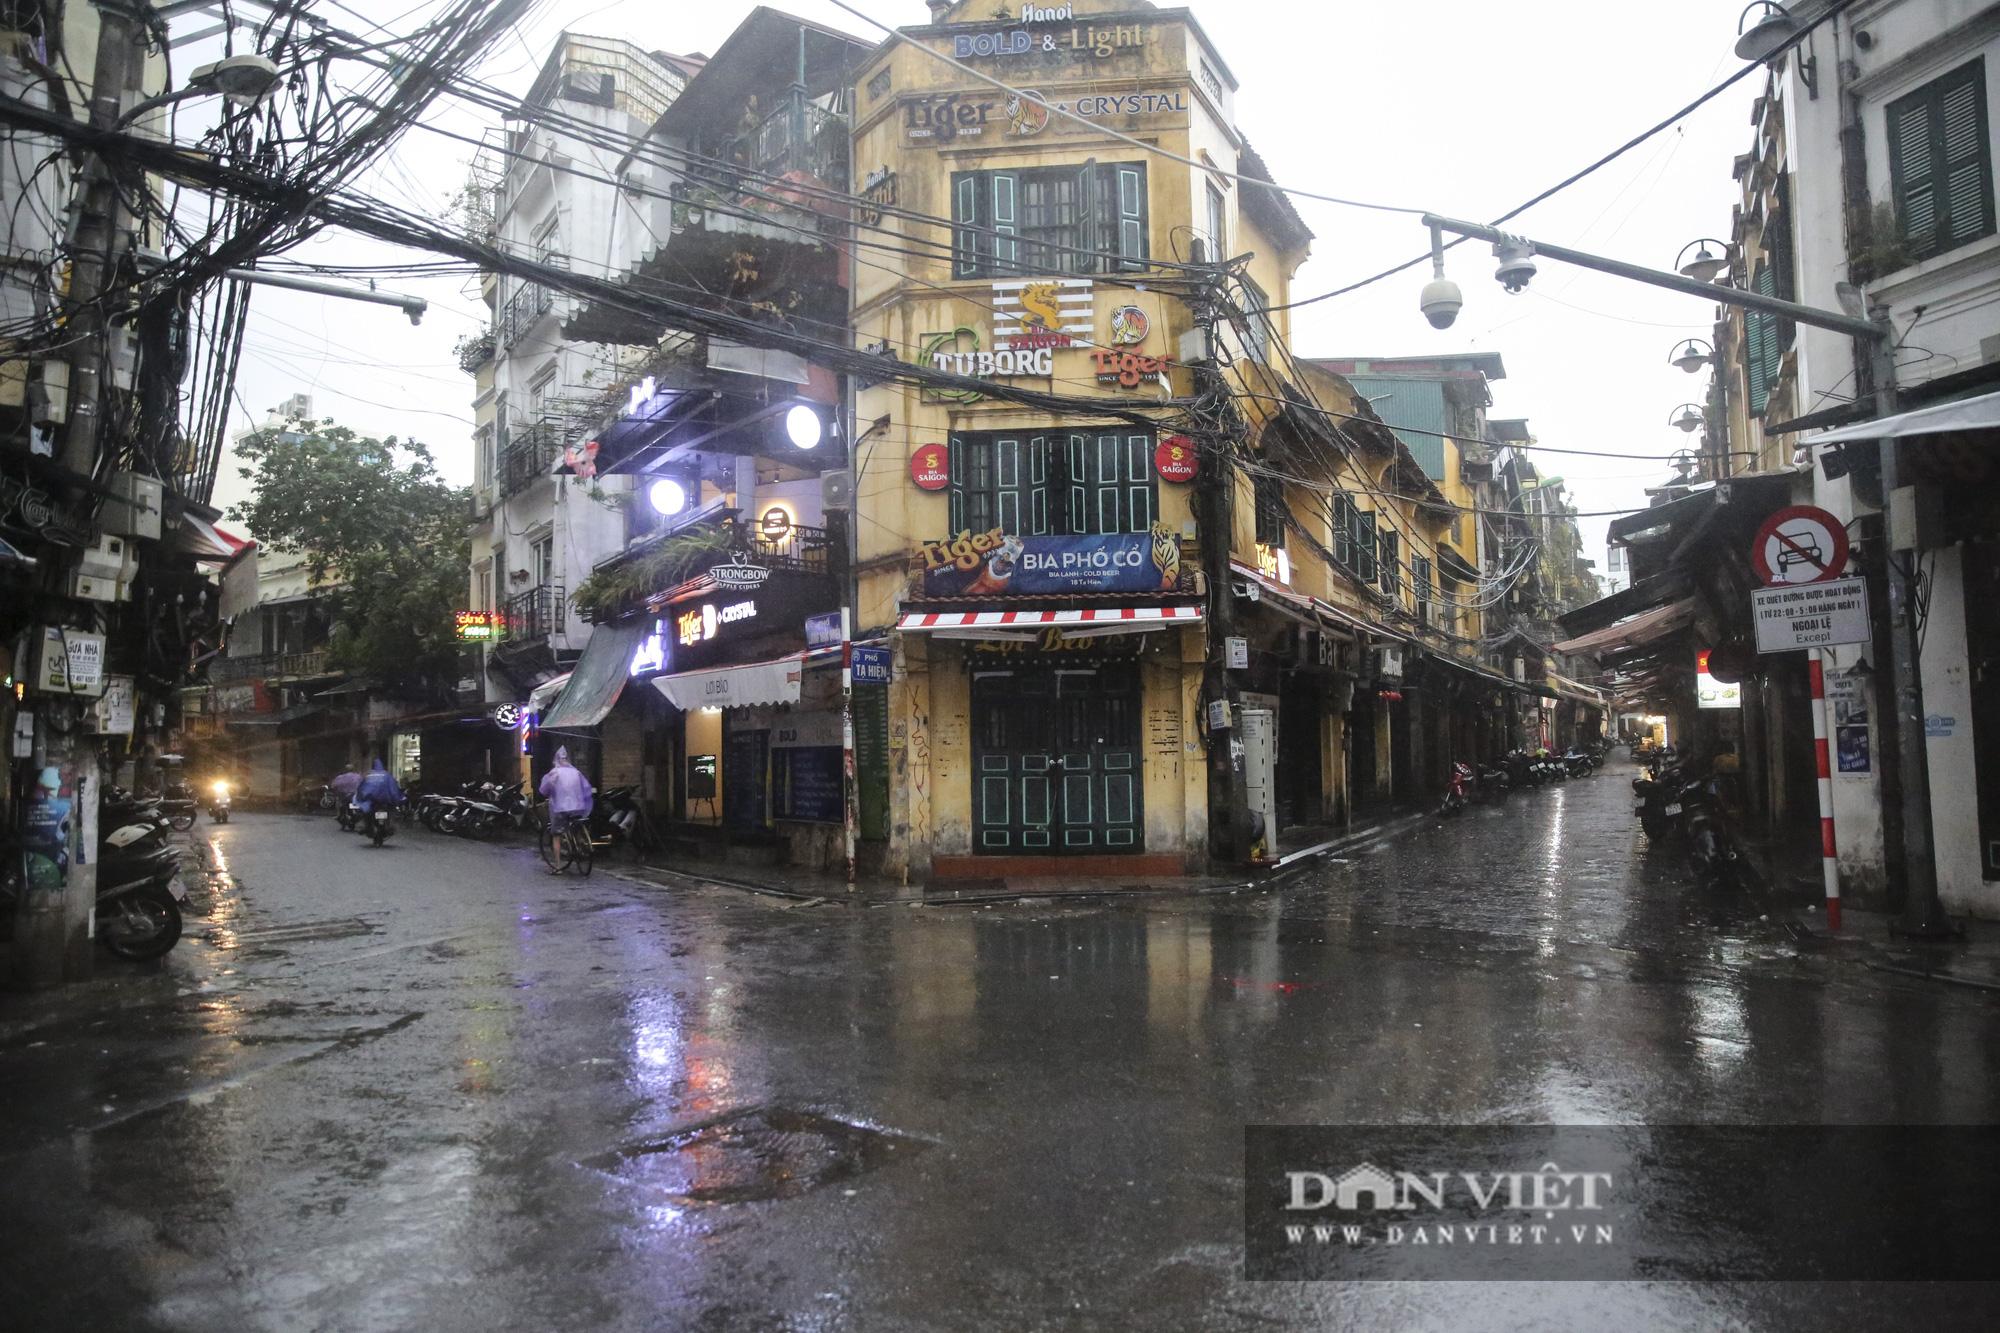 Sau bão số 2, Hà Nội mưa cả ngày khiến mực nước sông Tô Lịch bất ngờ dâng cao - Ảnh 6.